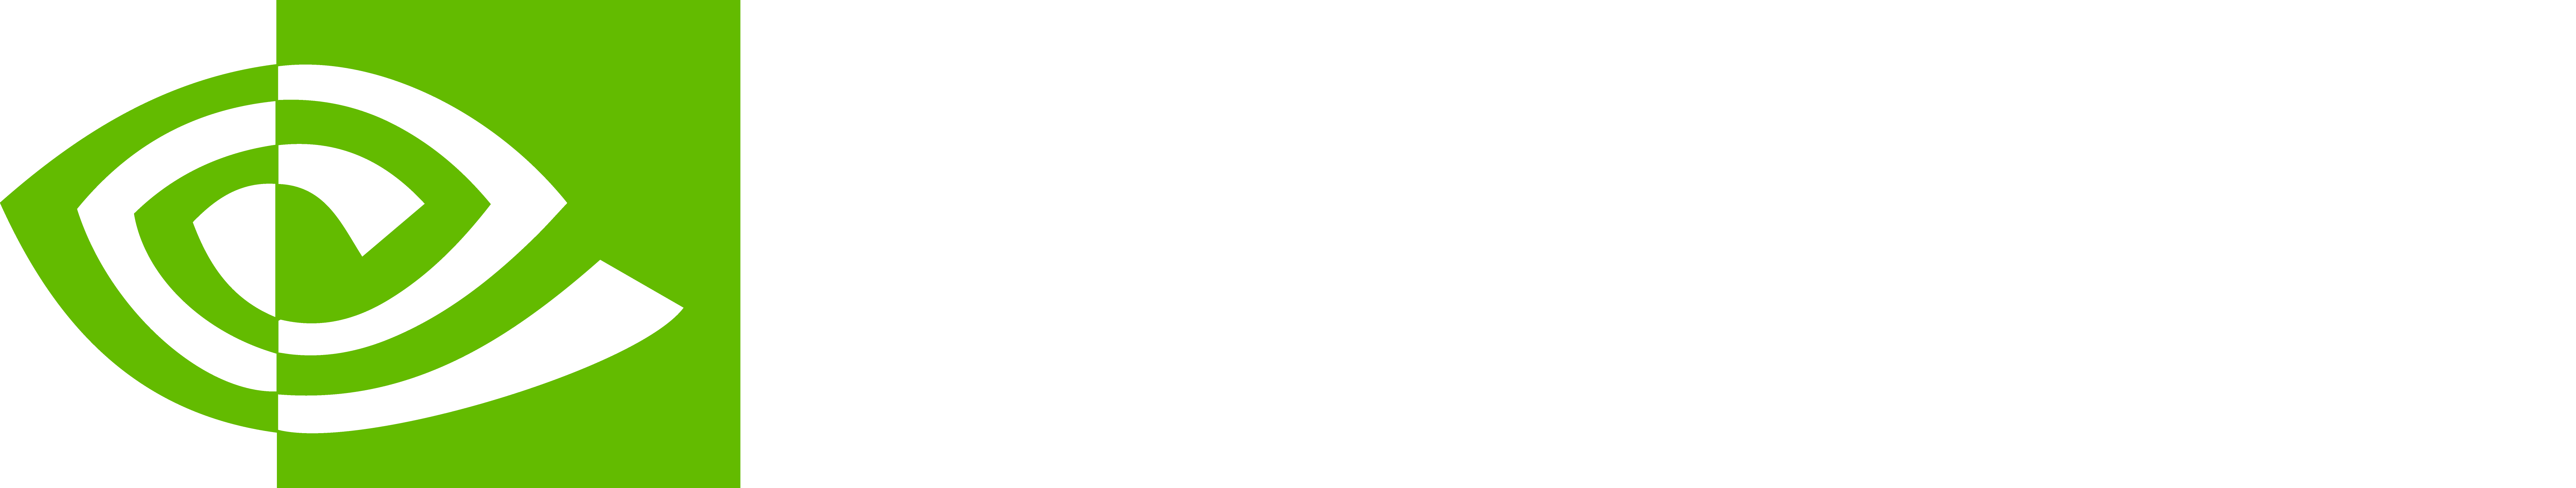 nvidia-logo-white